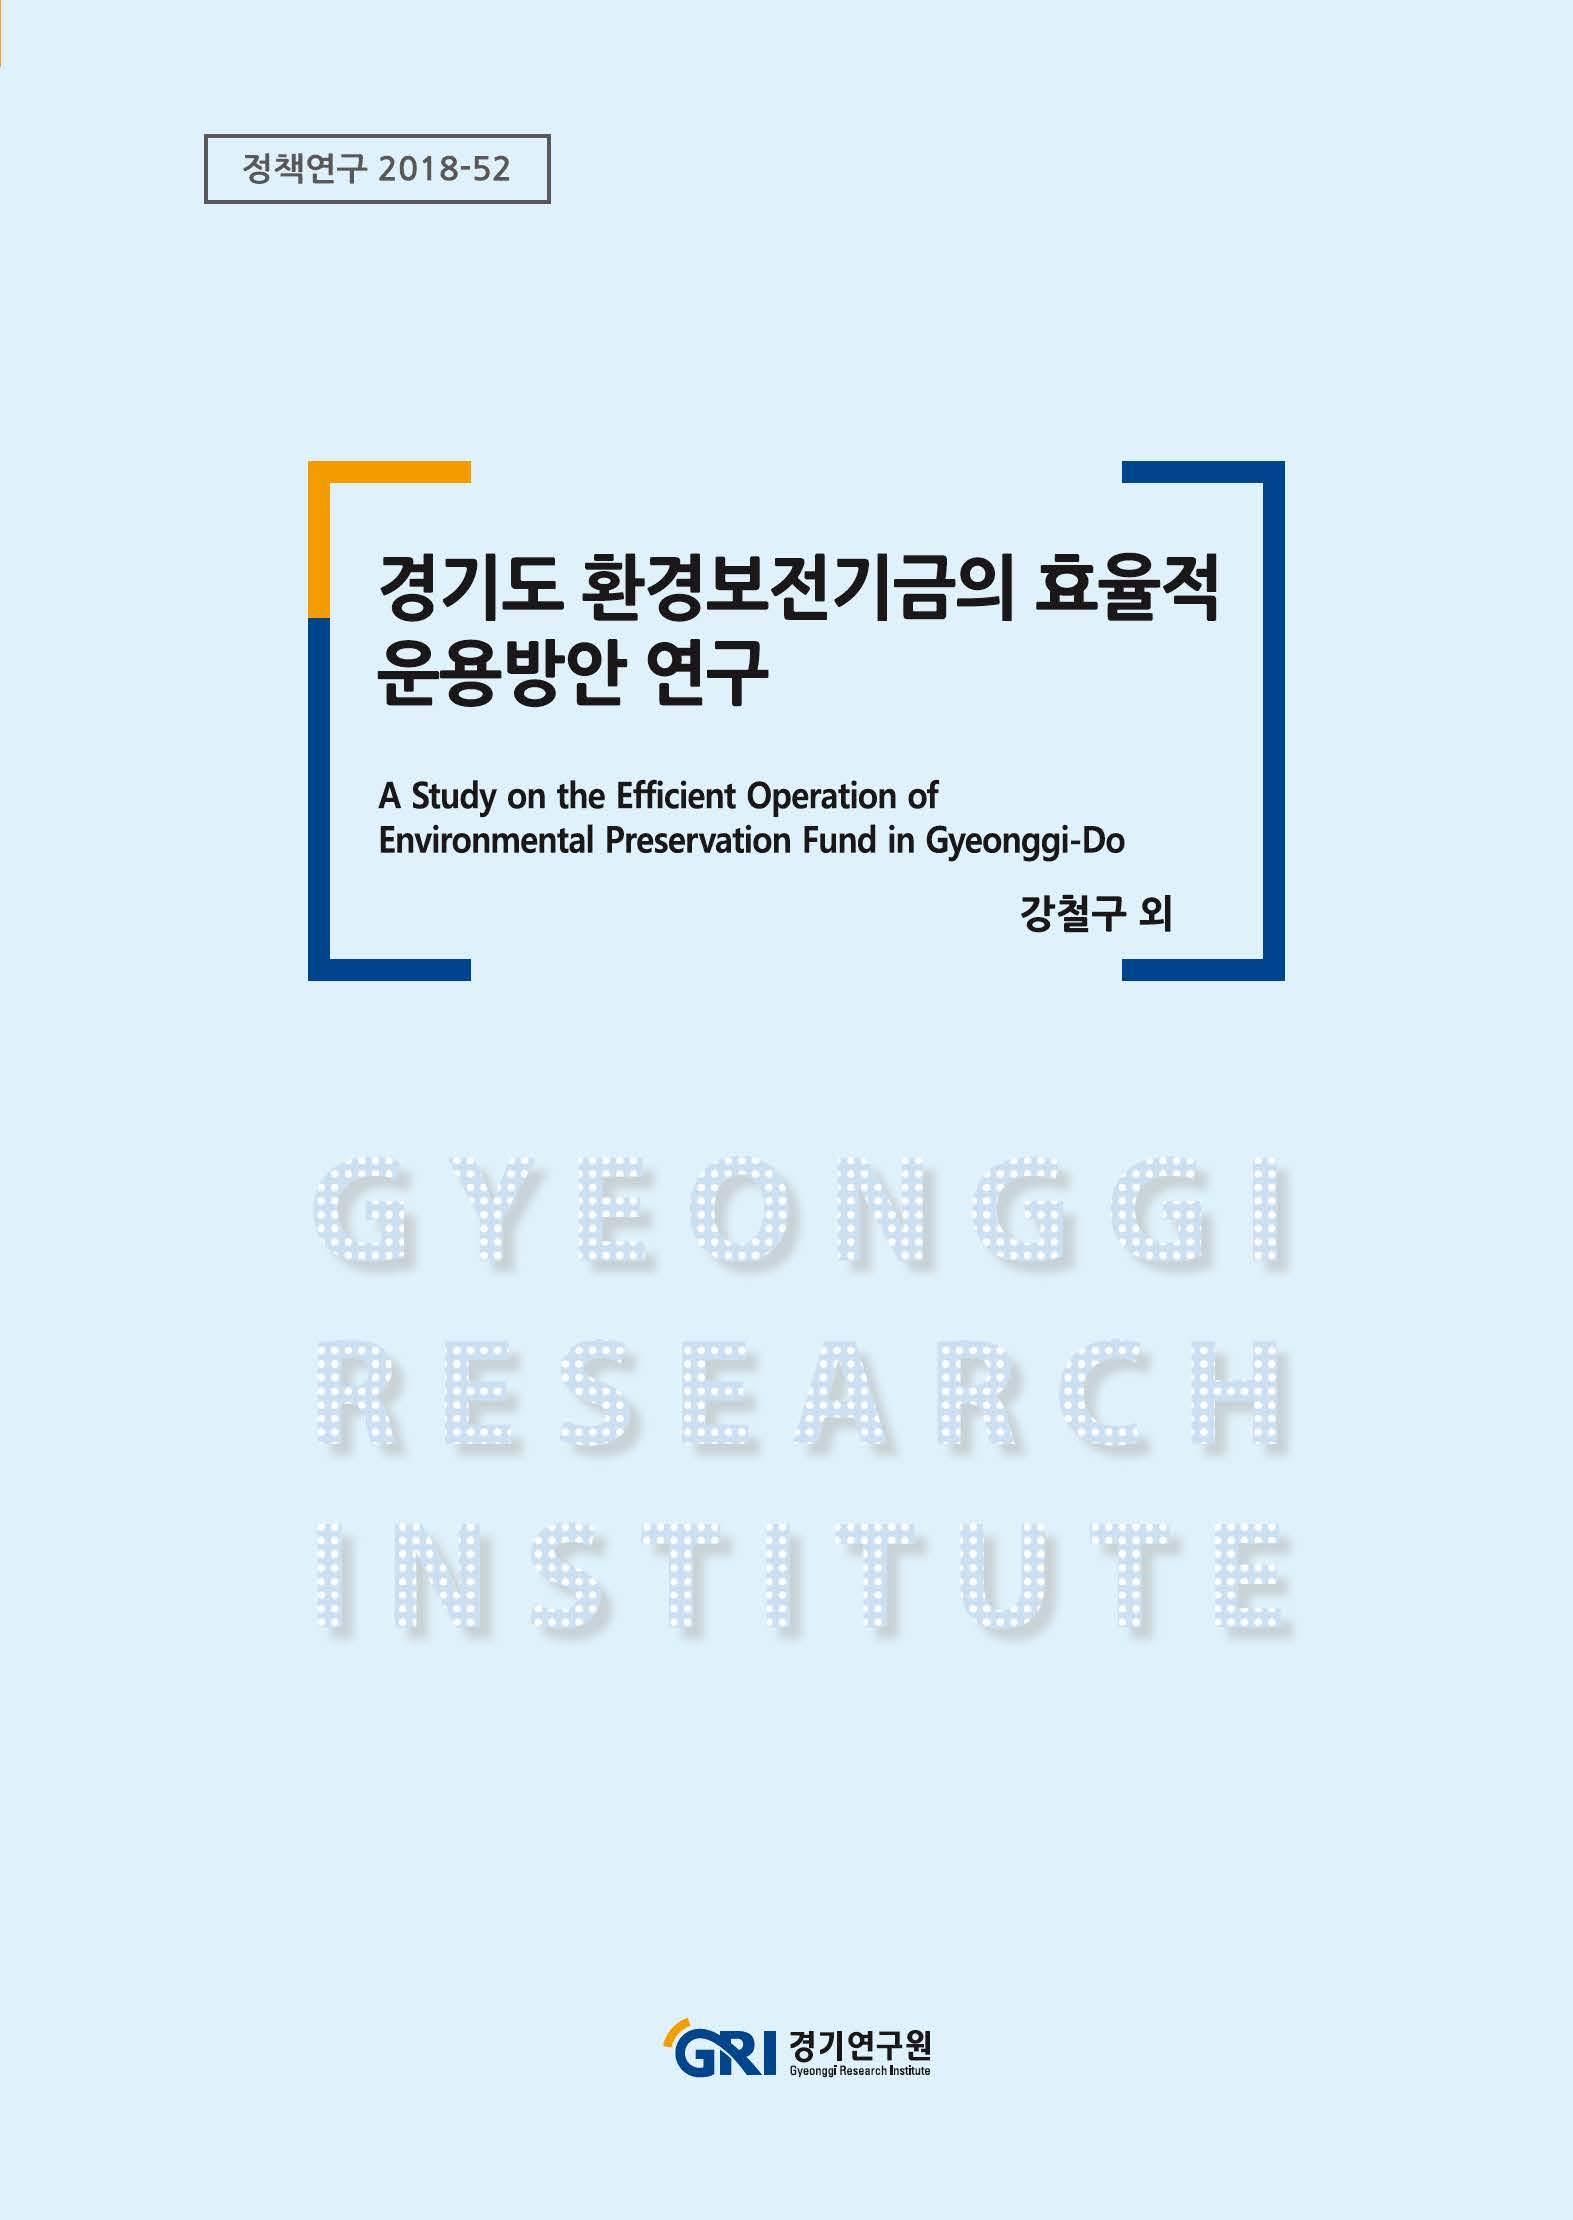 경기도 환경보전기금의 효율적 운용방안 연구